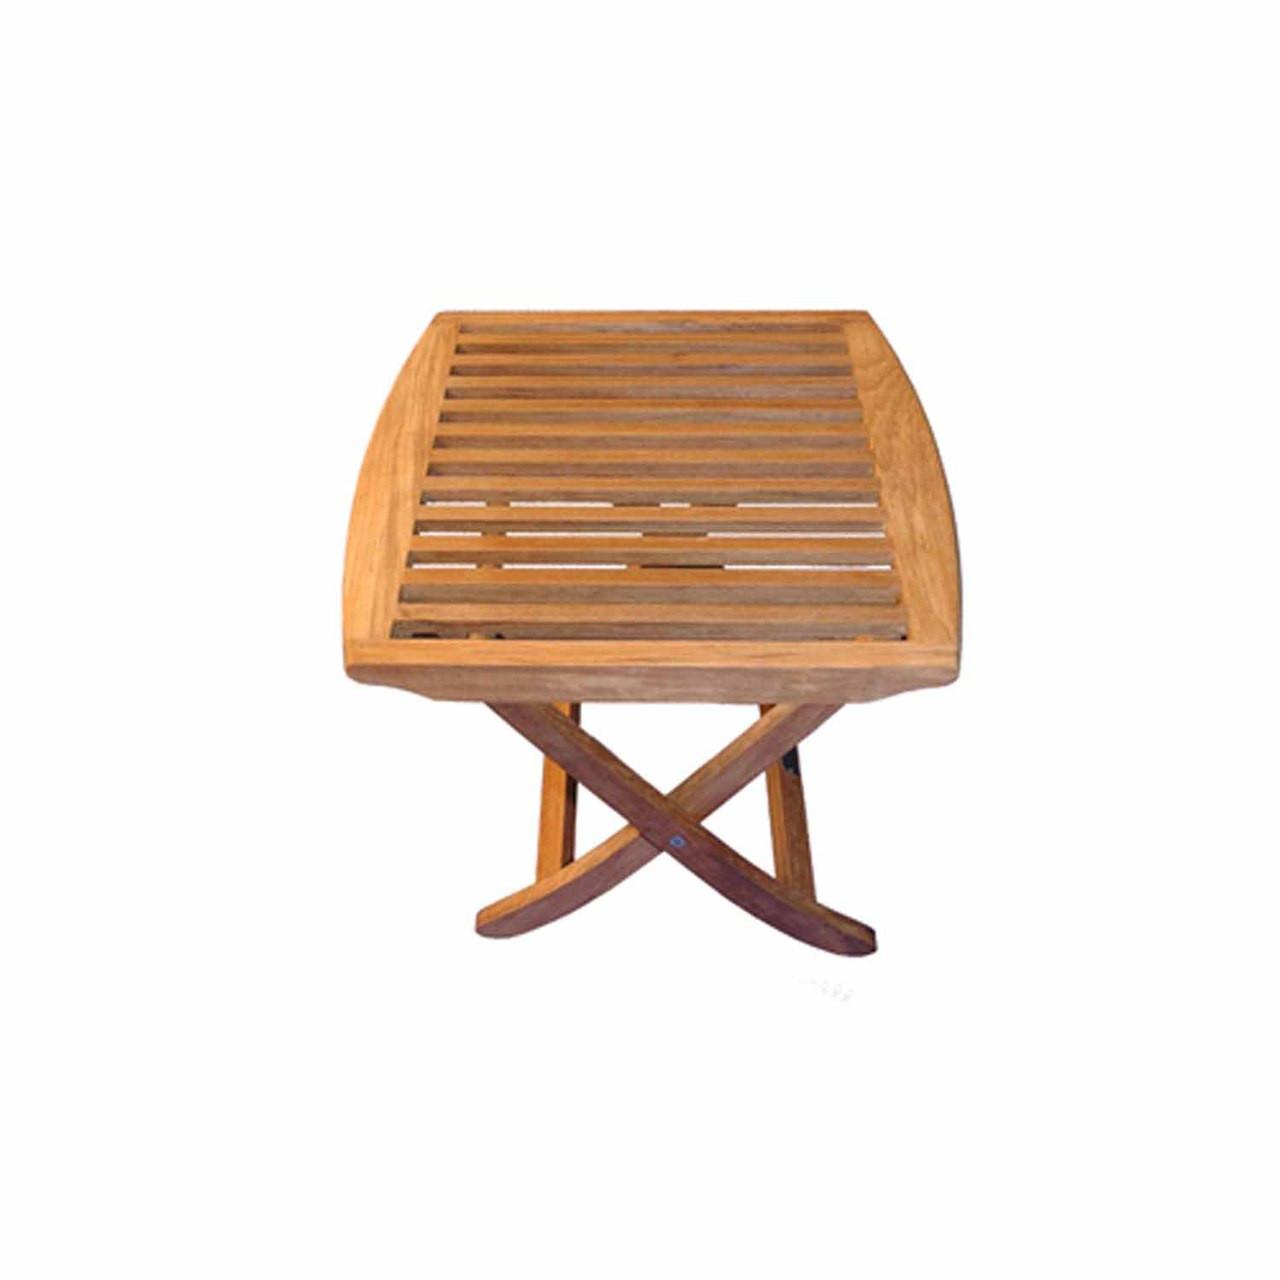 Teak Furniture Teak End Table or